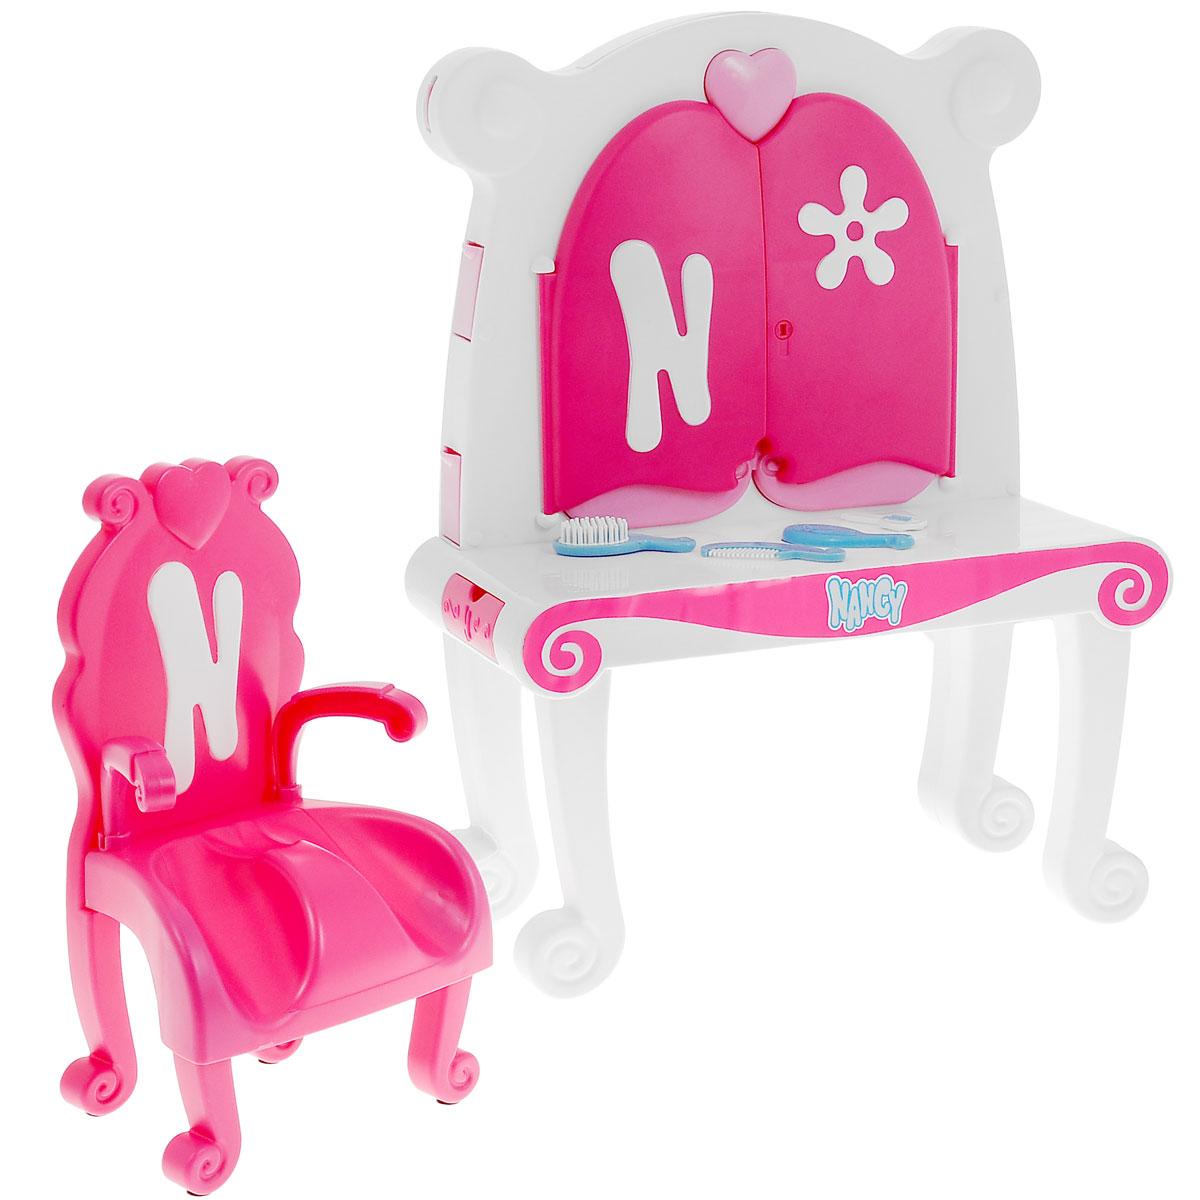 Famosa Мебель для кукол Туалетный столик Нэнси700008210Туалетный столик Famosa Нэнси, выполненный из качественного пластика, непременно порадует маленькую красавицу. В набор входит туалетный столик с зеркалом, стульчик и аксессуары для куклы Нэнси в виде двух расчесок, небольшого зеркальца и ключика. Туалетный столик оборудован всем необходимым для куколки: множество шкафчиков, зеркало, которое можно открывать и закрывать на ключик. Благодаря играм, в которых ребенок придумывает различные сюжеты, развивается воображение и творческие способности. Игровой набор станет отличным подарком для юной модницы.